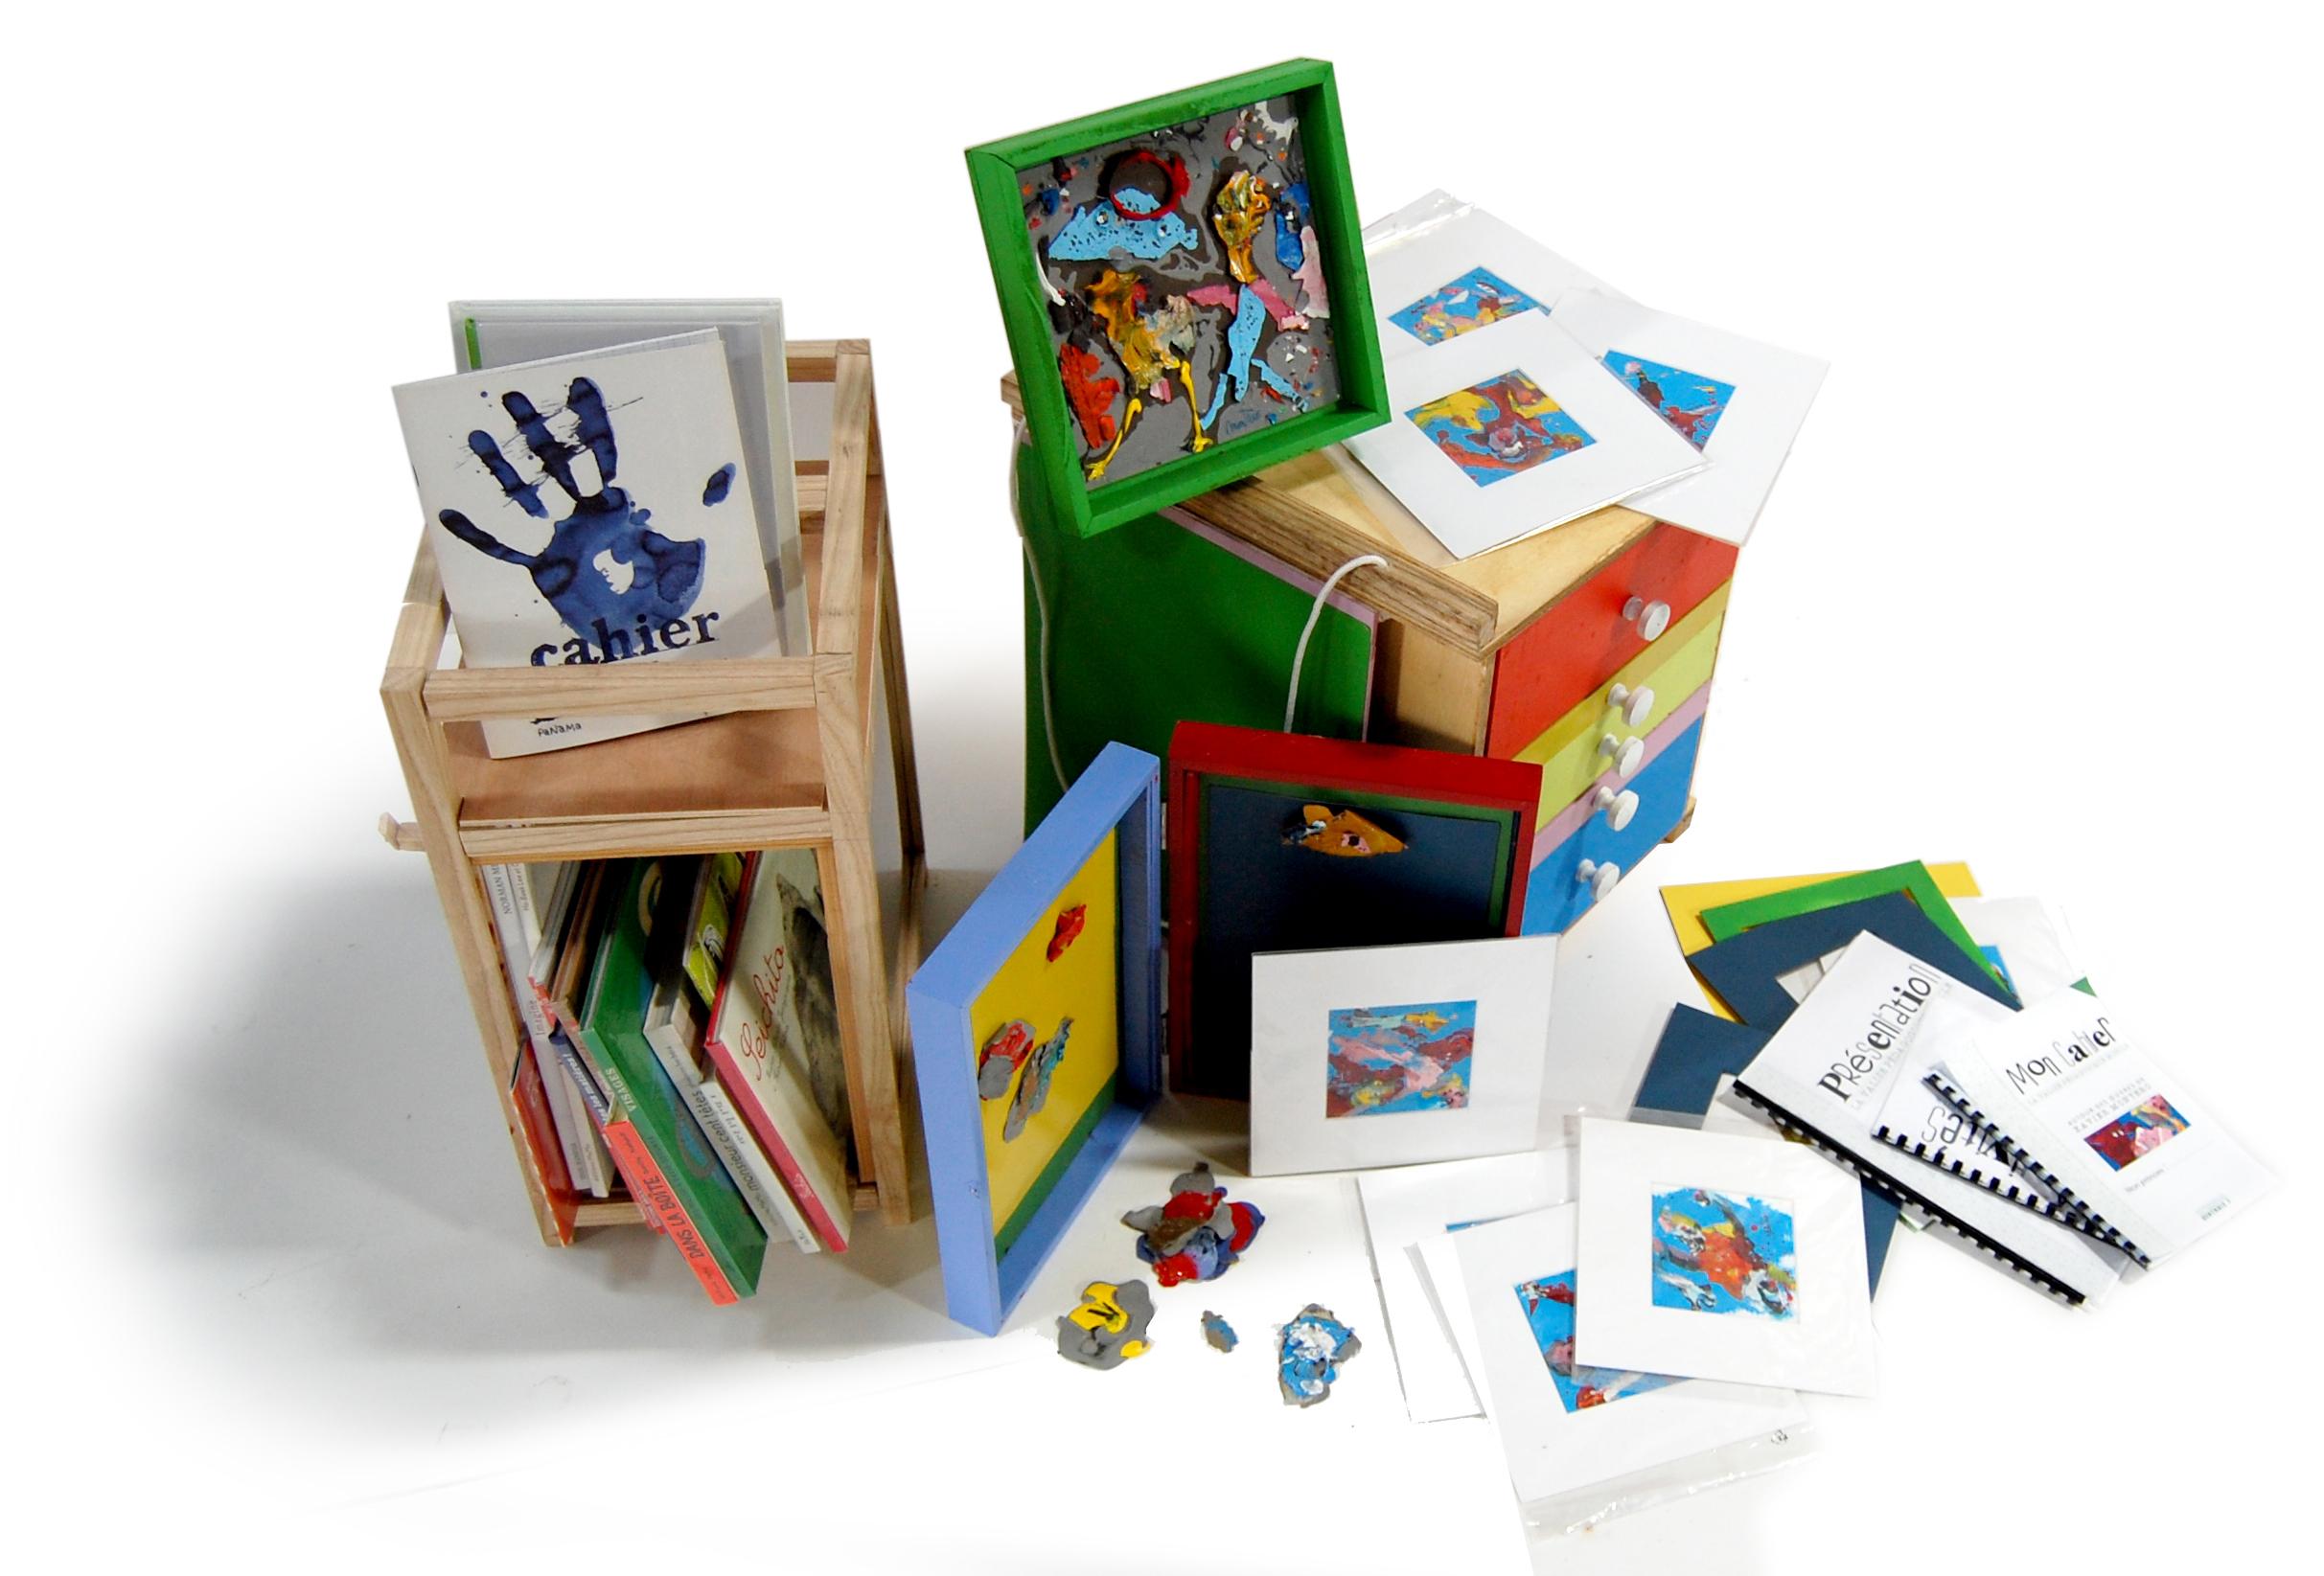 Valise pédagogique, destination peinture autour des œuvres de Xavier Montero